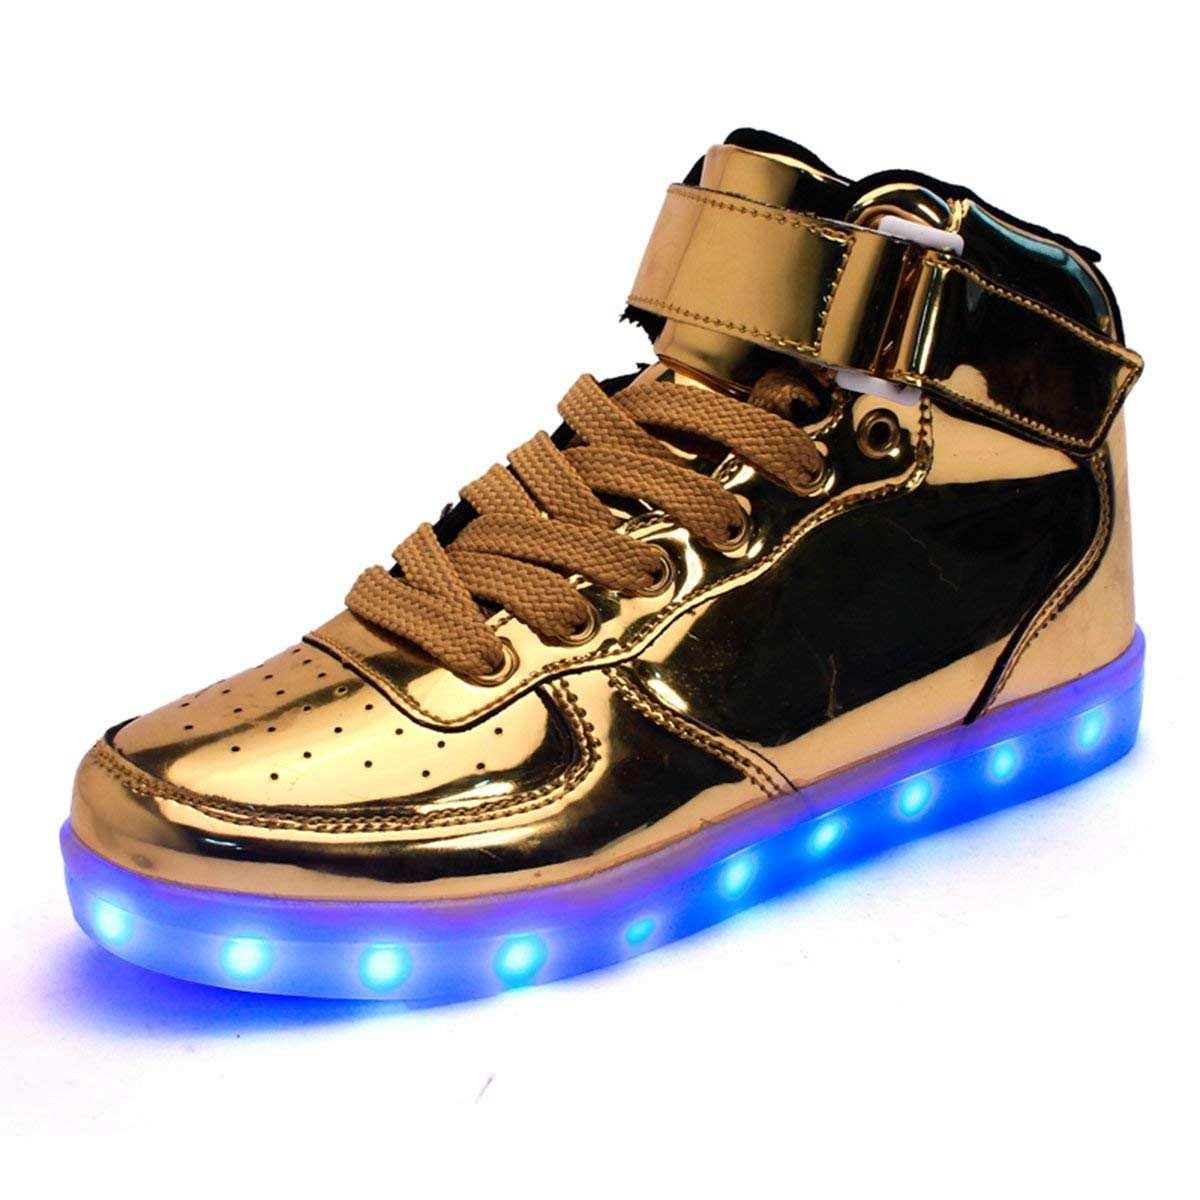 timeless design 9a7cc aee51 Le 10 scarpe più Tamarre che puoi comprare su Amazon.